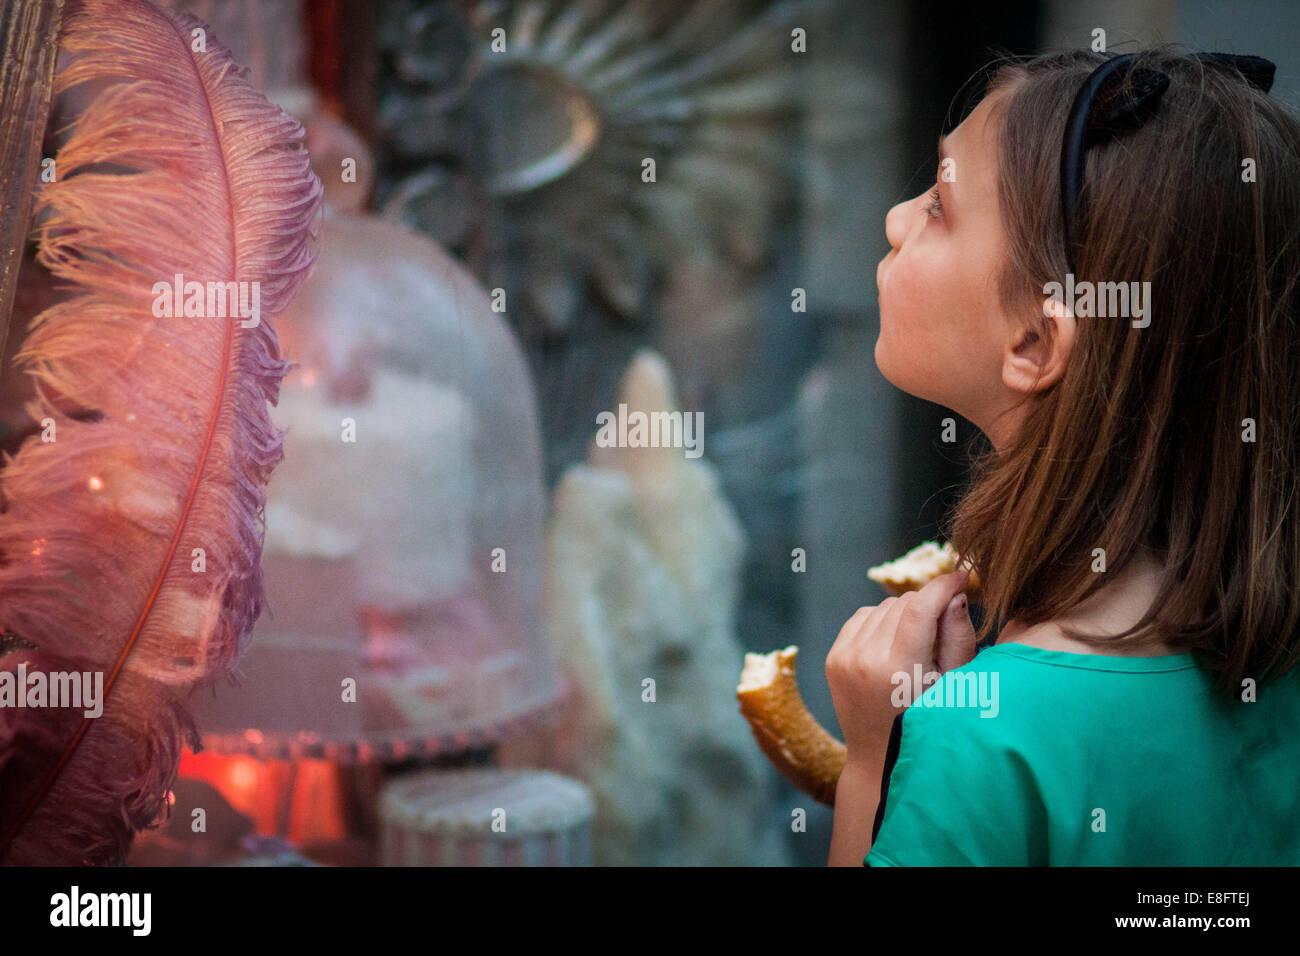 Girl window shopping - Stock Image